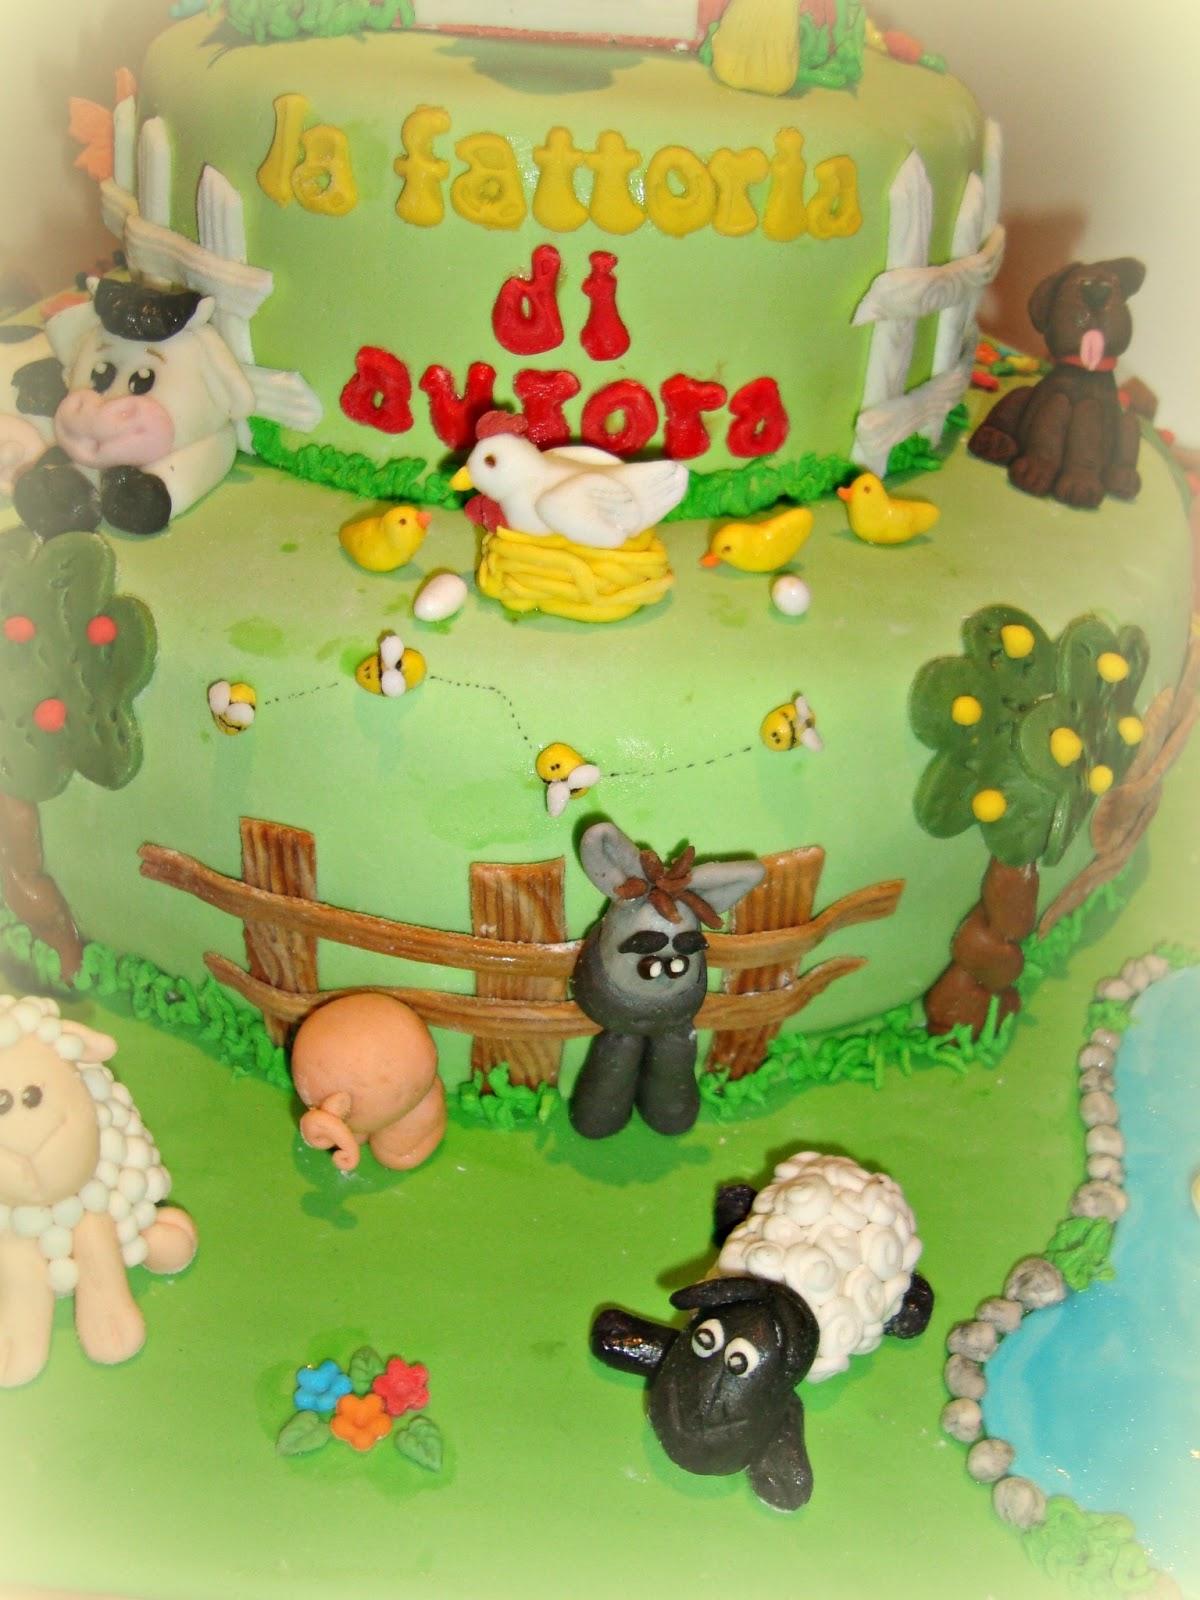 Le torte decorate torta fattoria for Aprire piani di fattoria